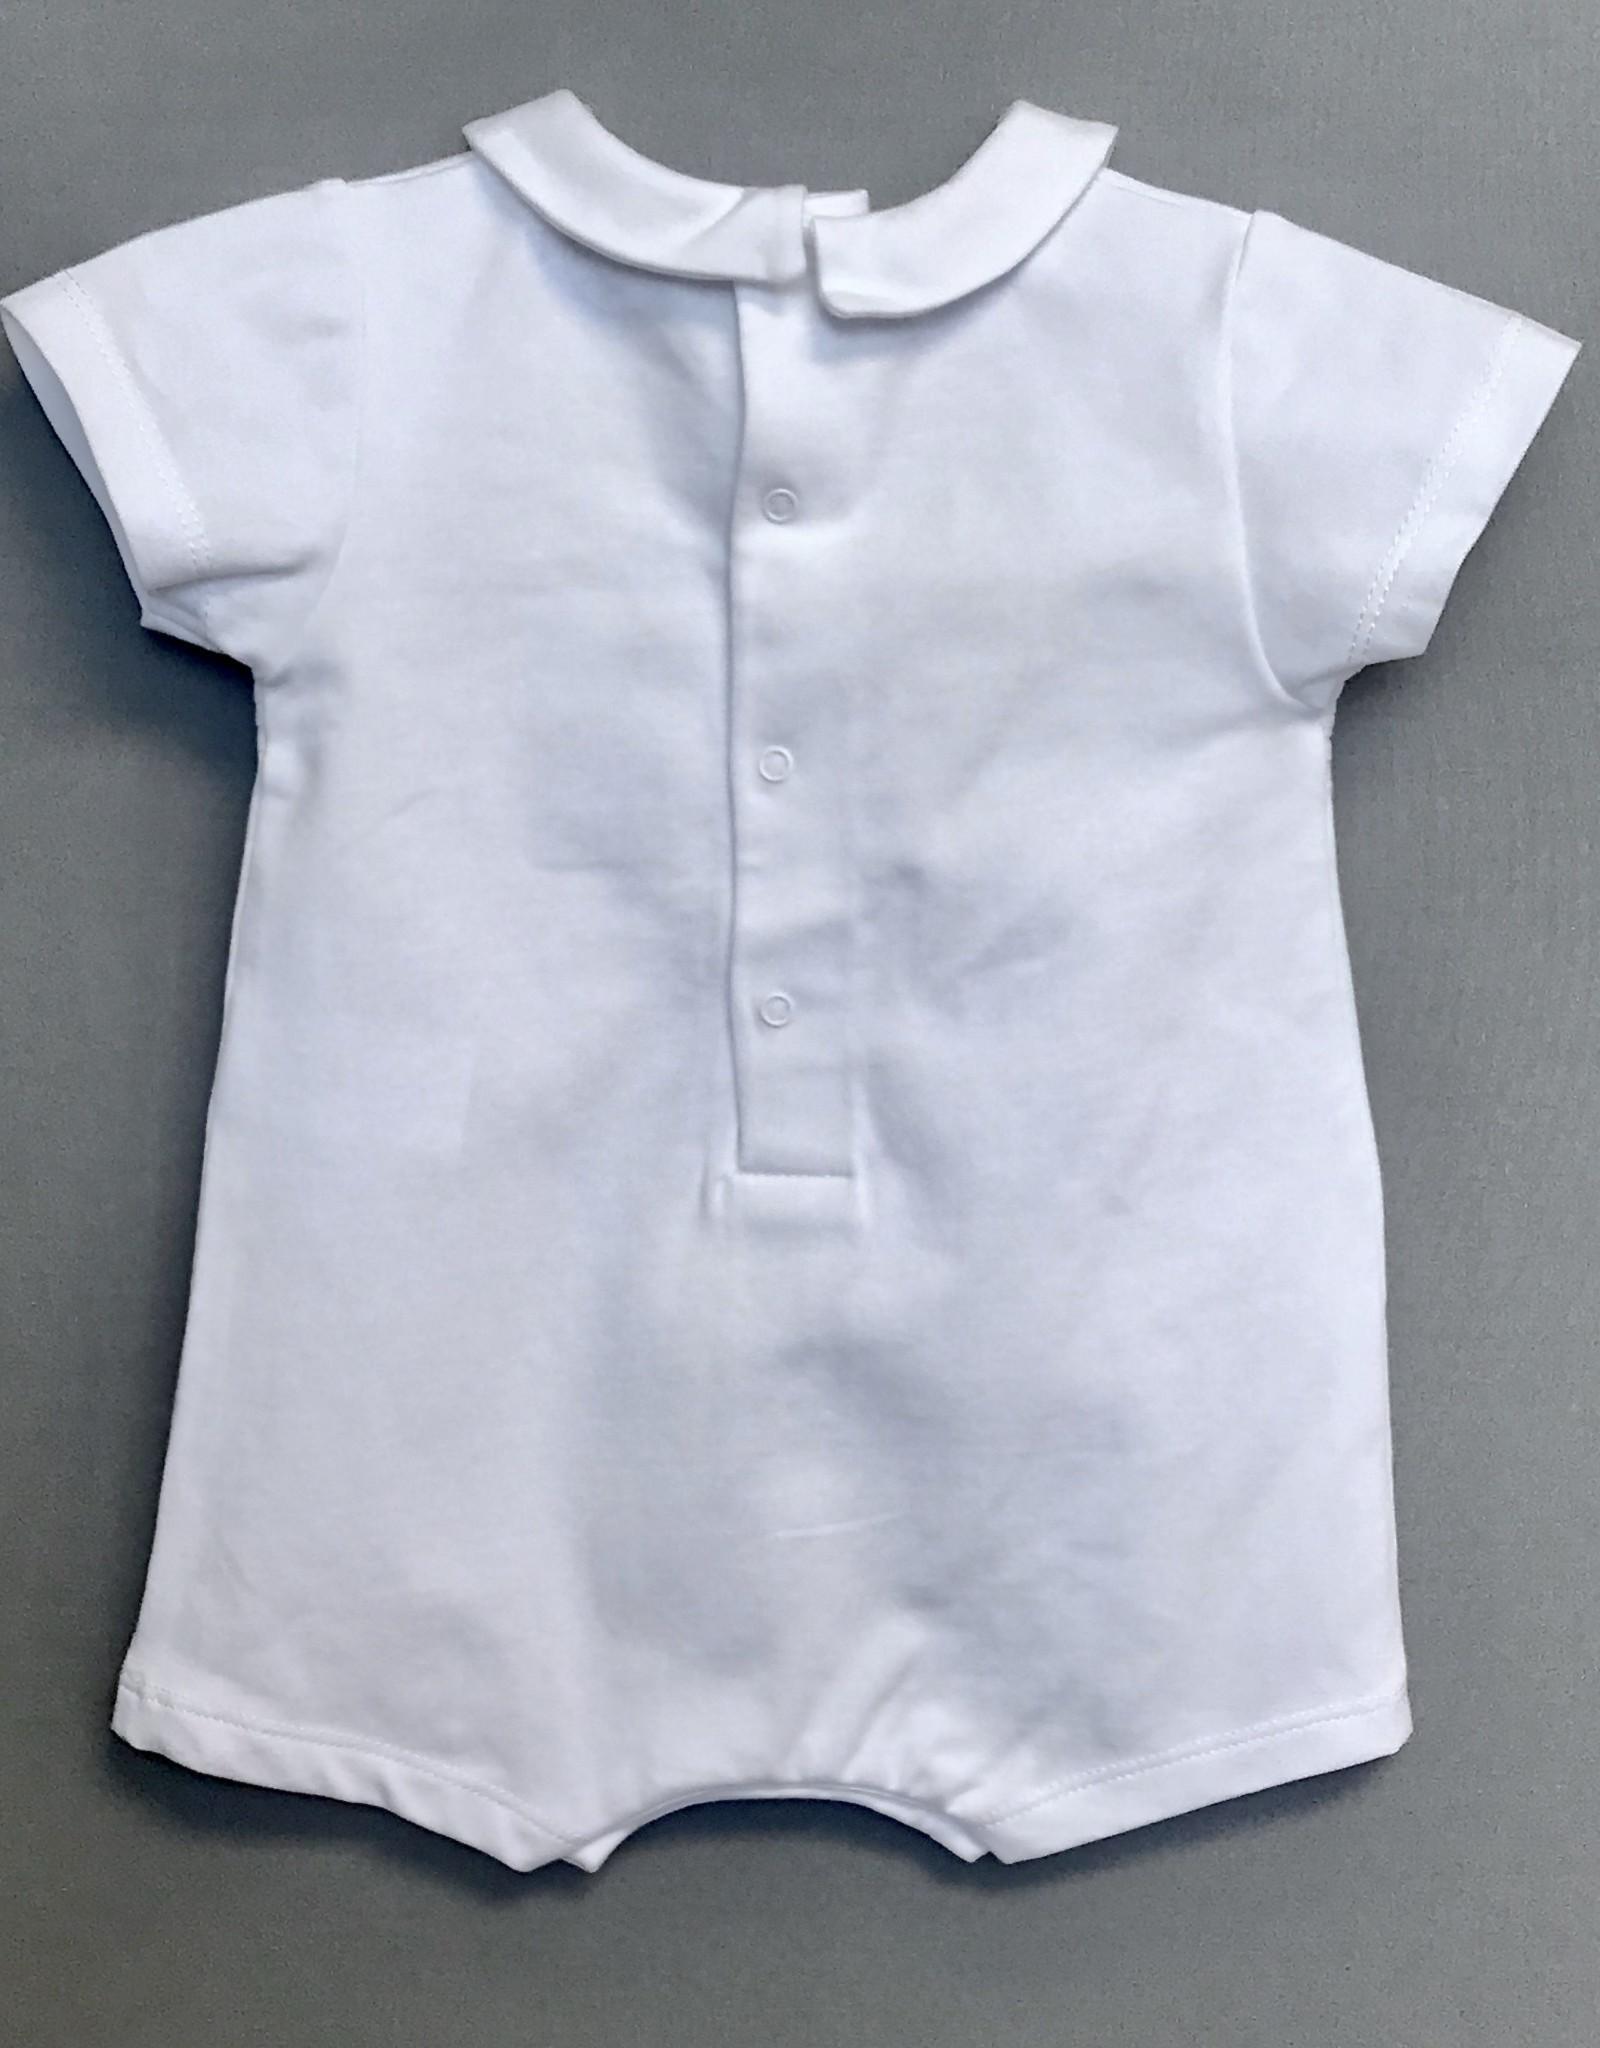 Laranjinha Infant Knit Romper fagoting insert